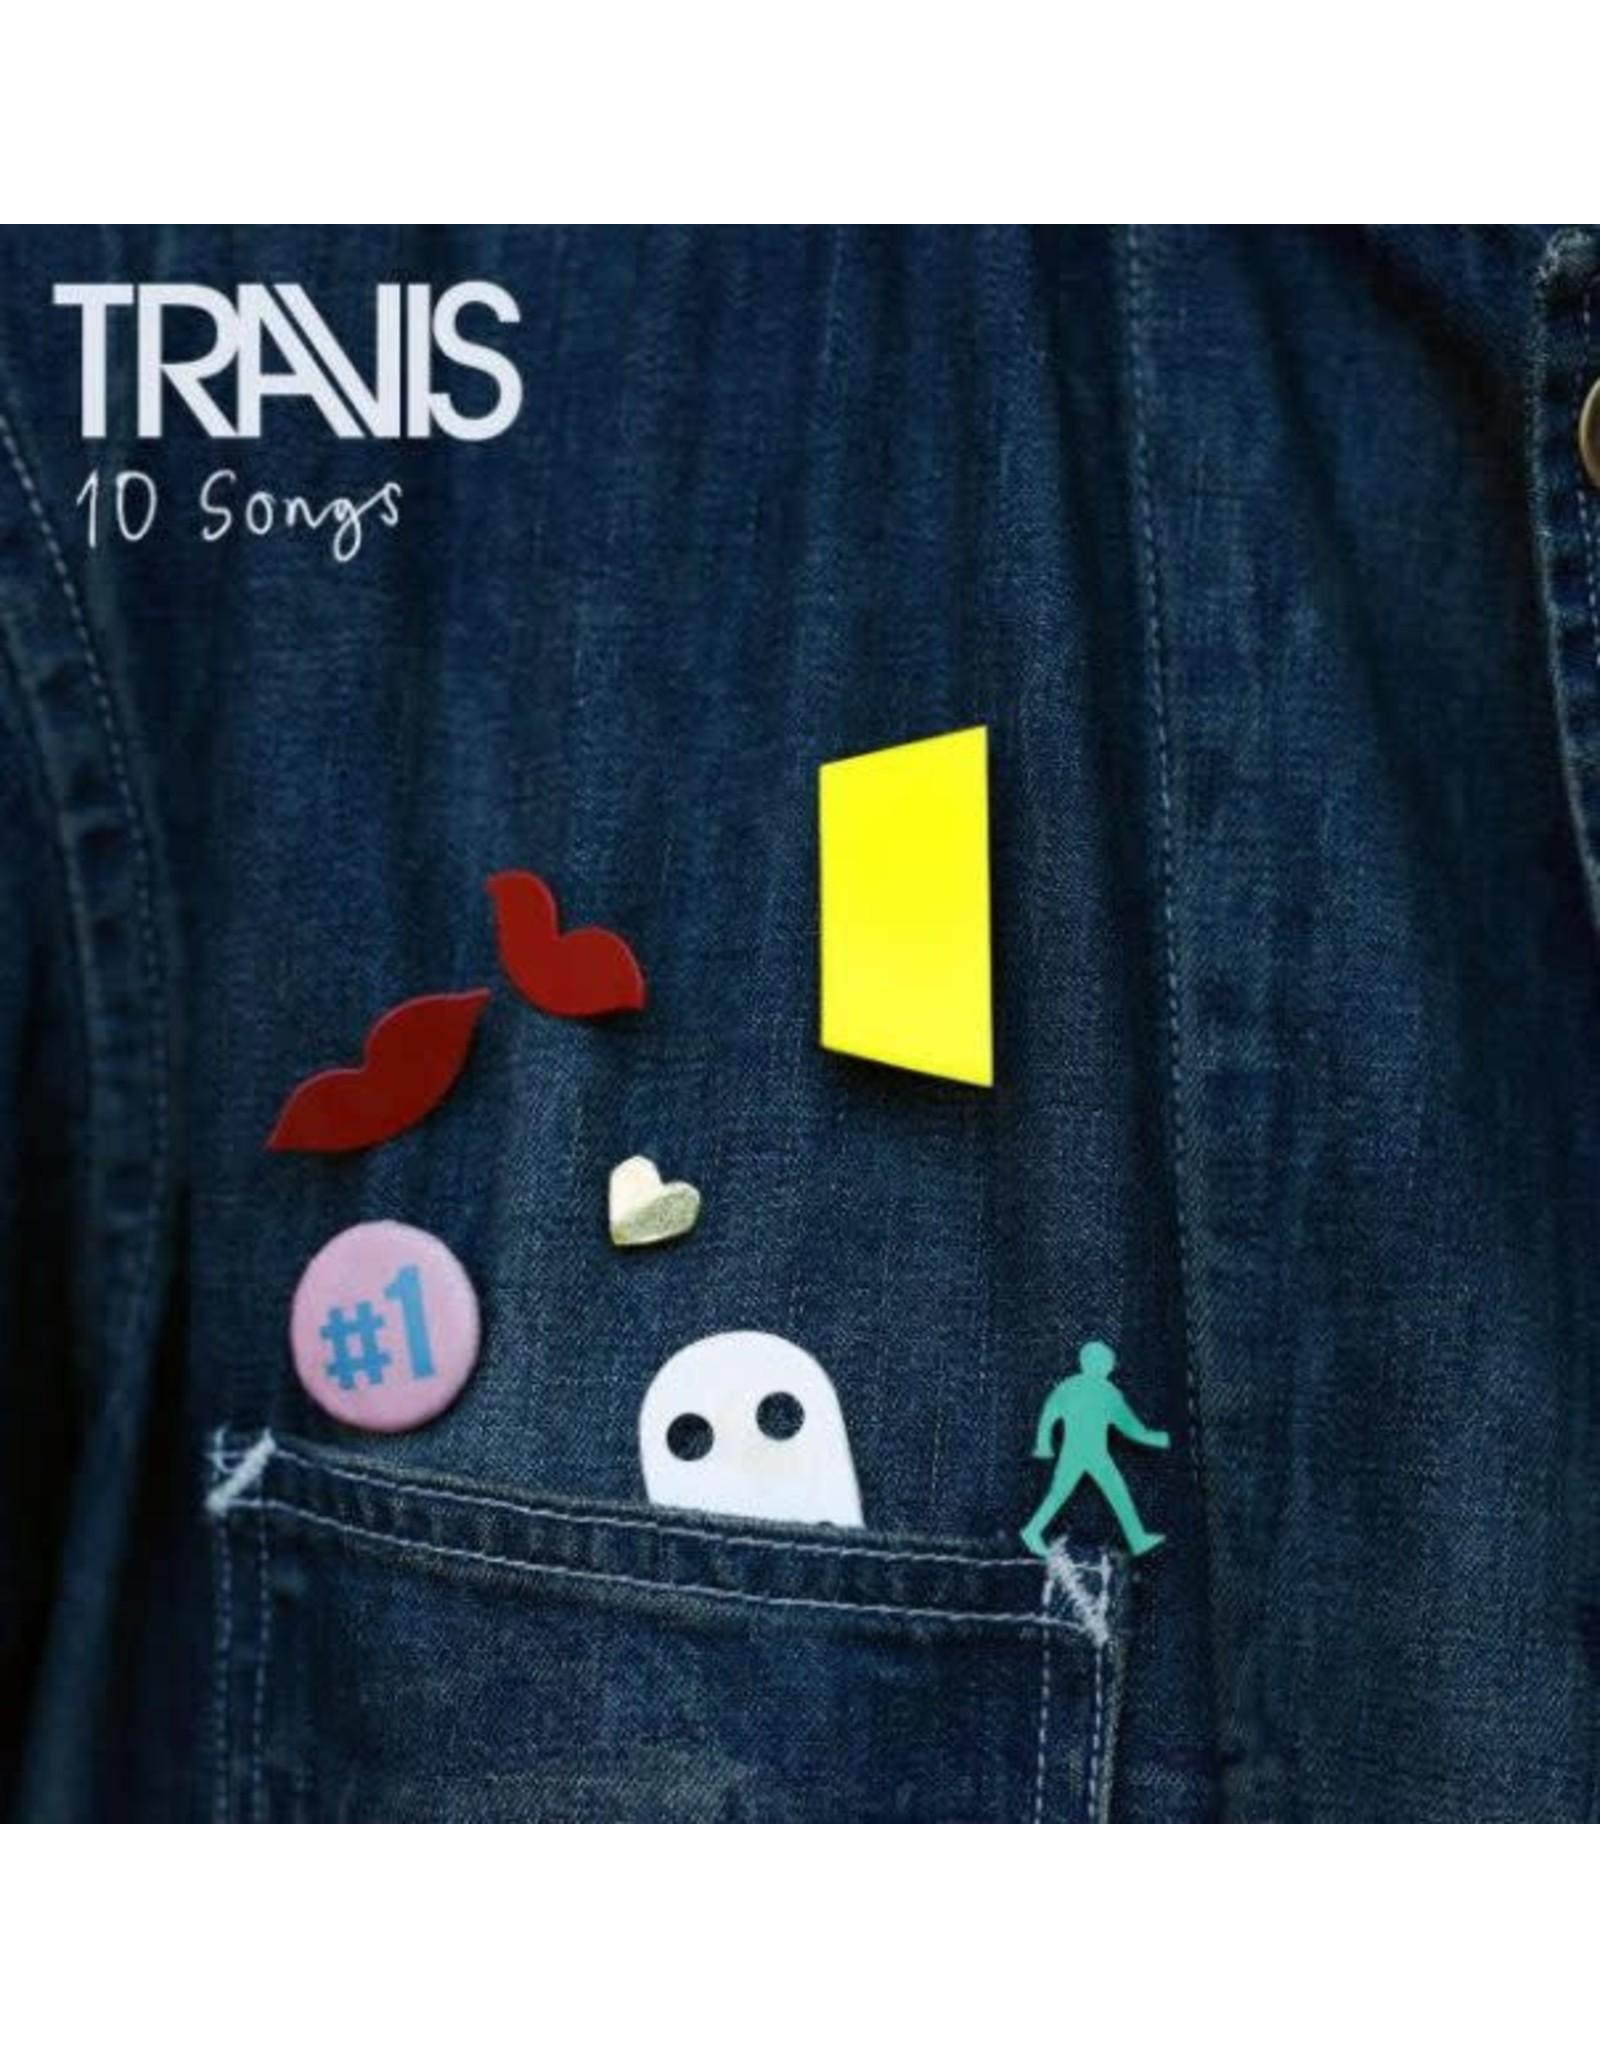 New Vinyl Travis - 10 Songs LP